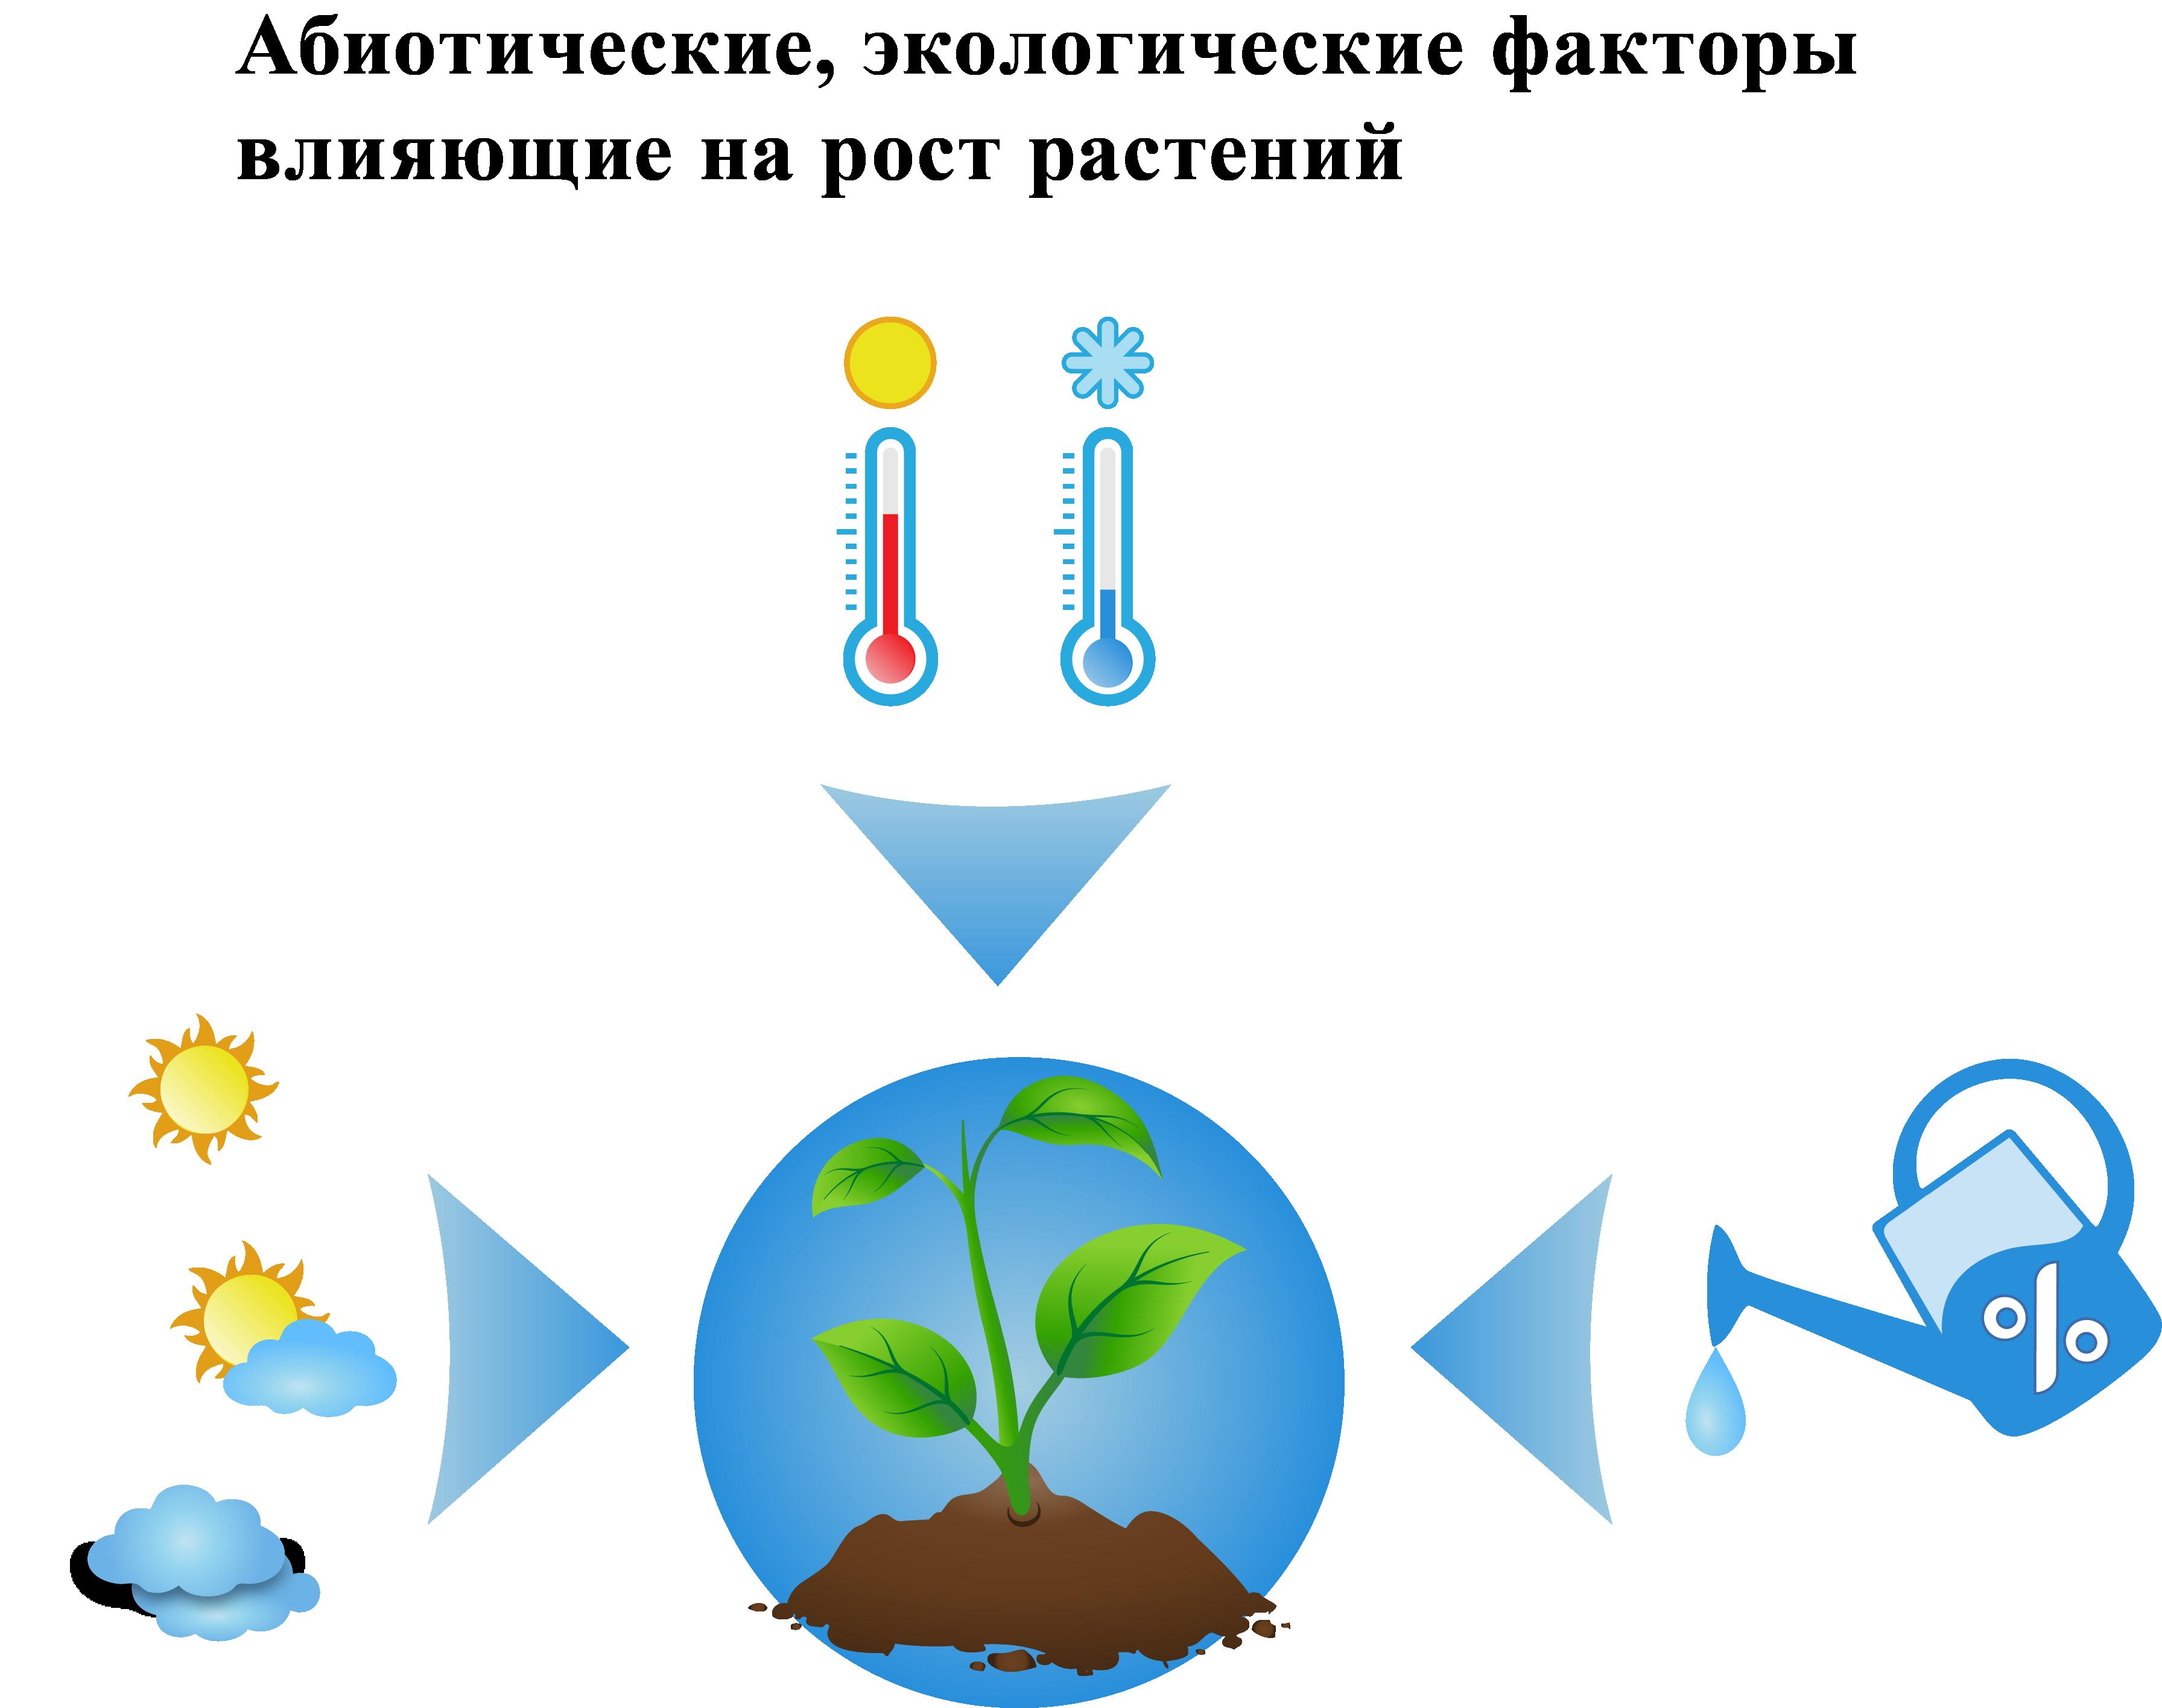 Абиотические и экологические факторы влияющие на рост растений